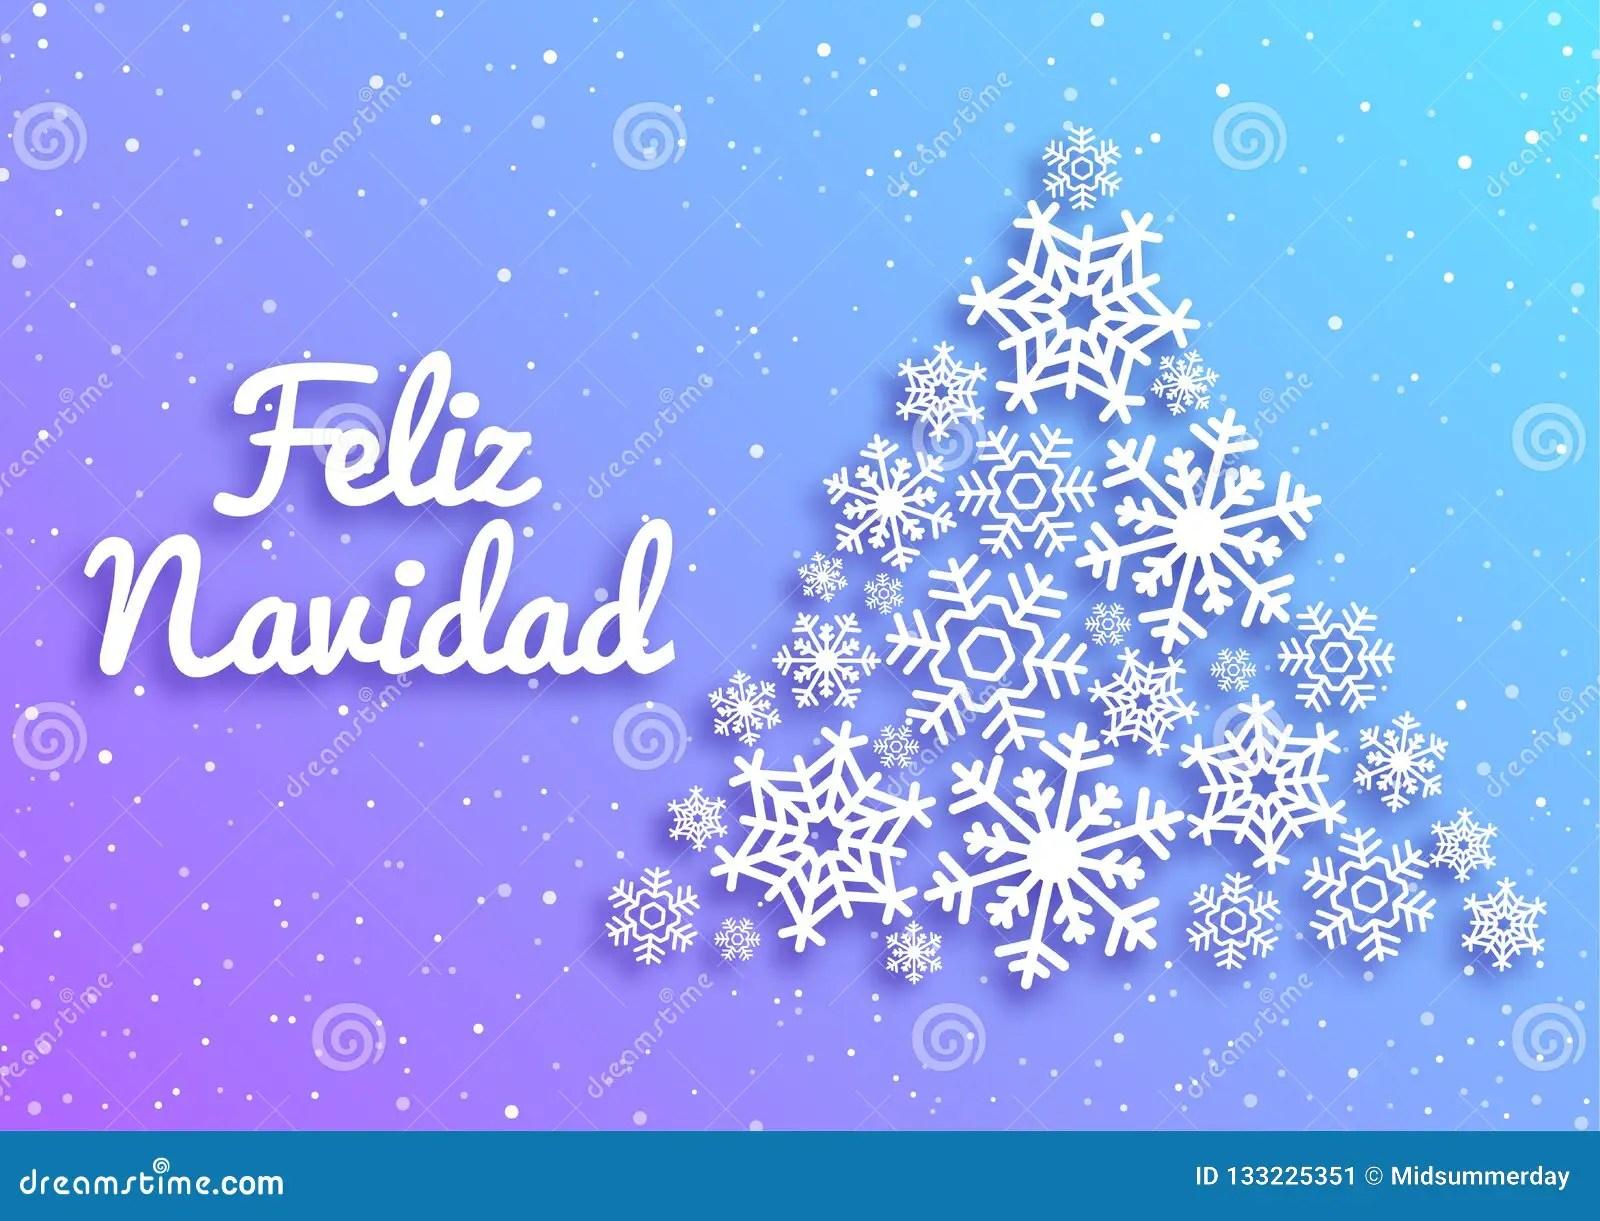 Feliz Navidad Merry Christmas Card With Greetings In